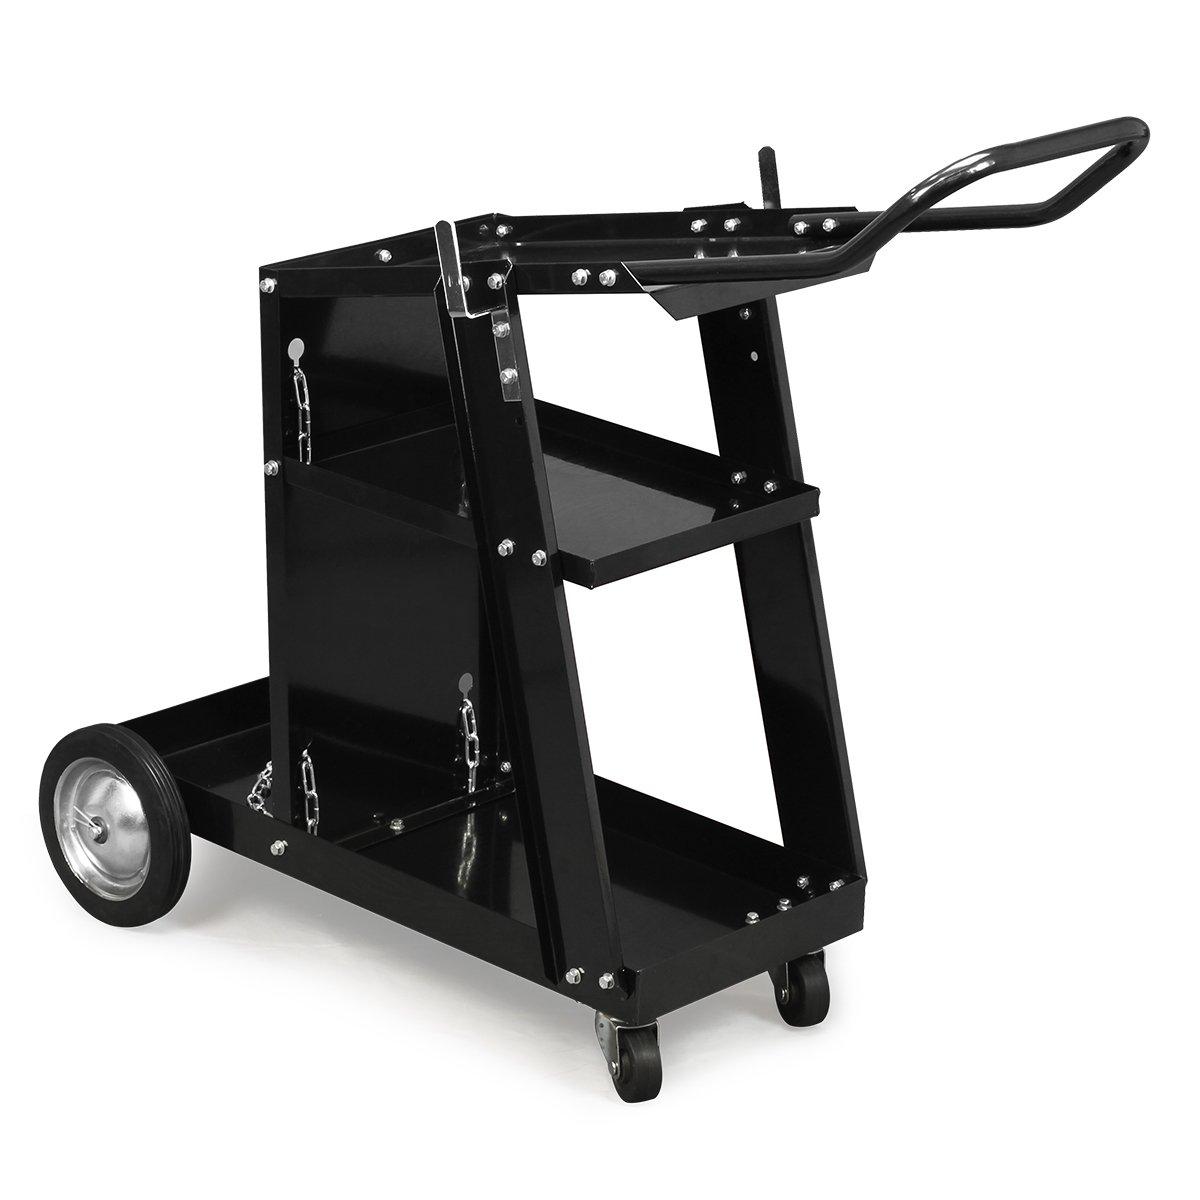 XtremepowerUS HD Welding Cart Universal MIG MAG ARC TIG Machine Welders Home Garage Shop + Safety Chain